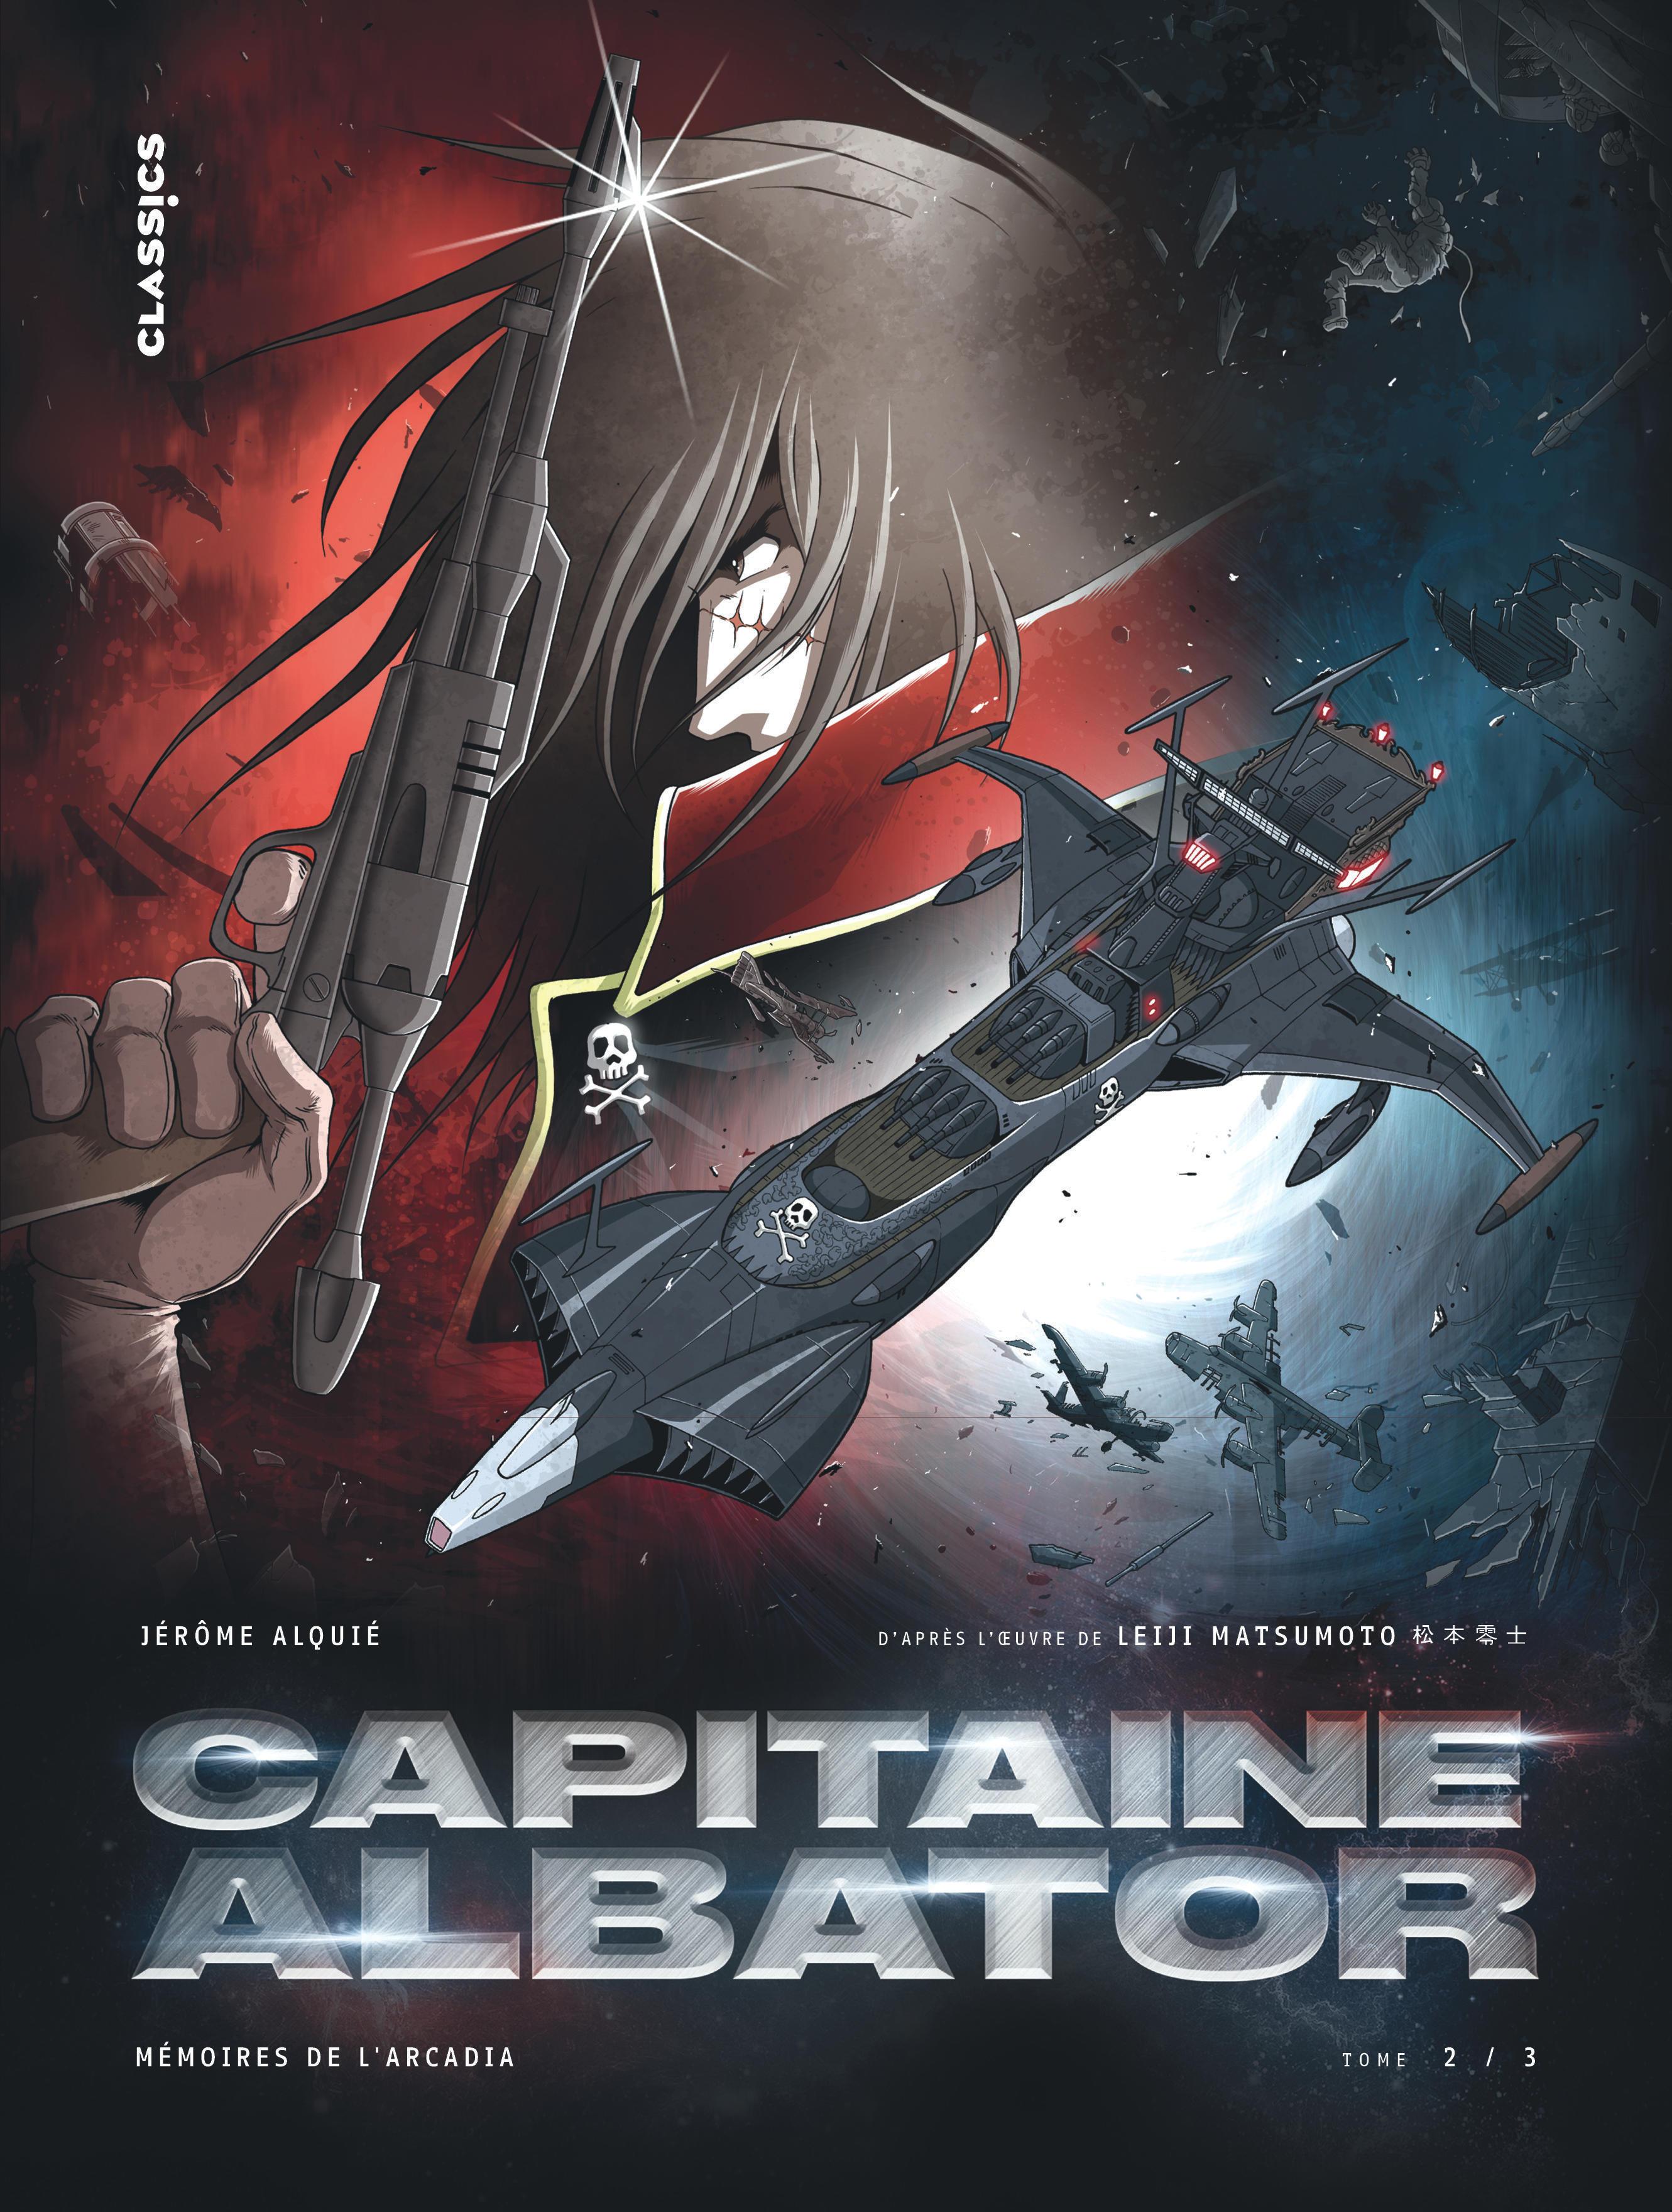 CAPITAINE ALBATOR - MEMOIRES DE L'ARCADIA, TOME 2